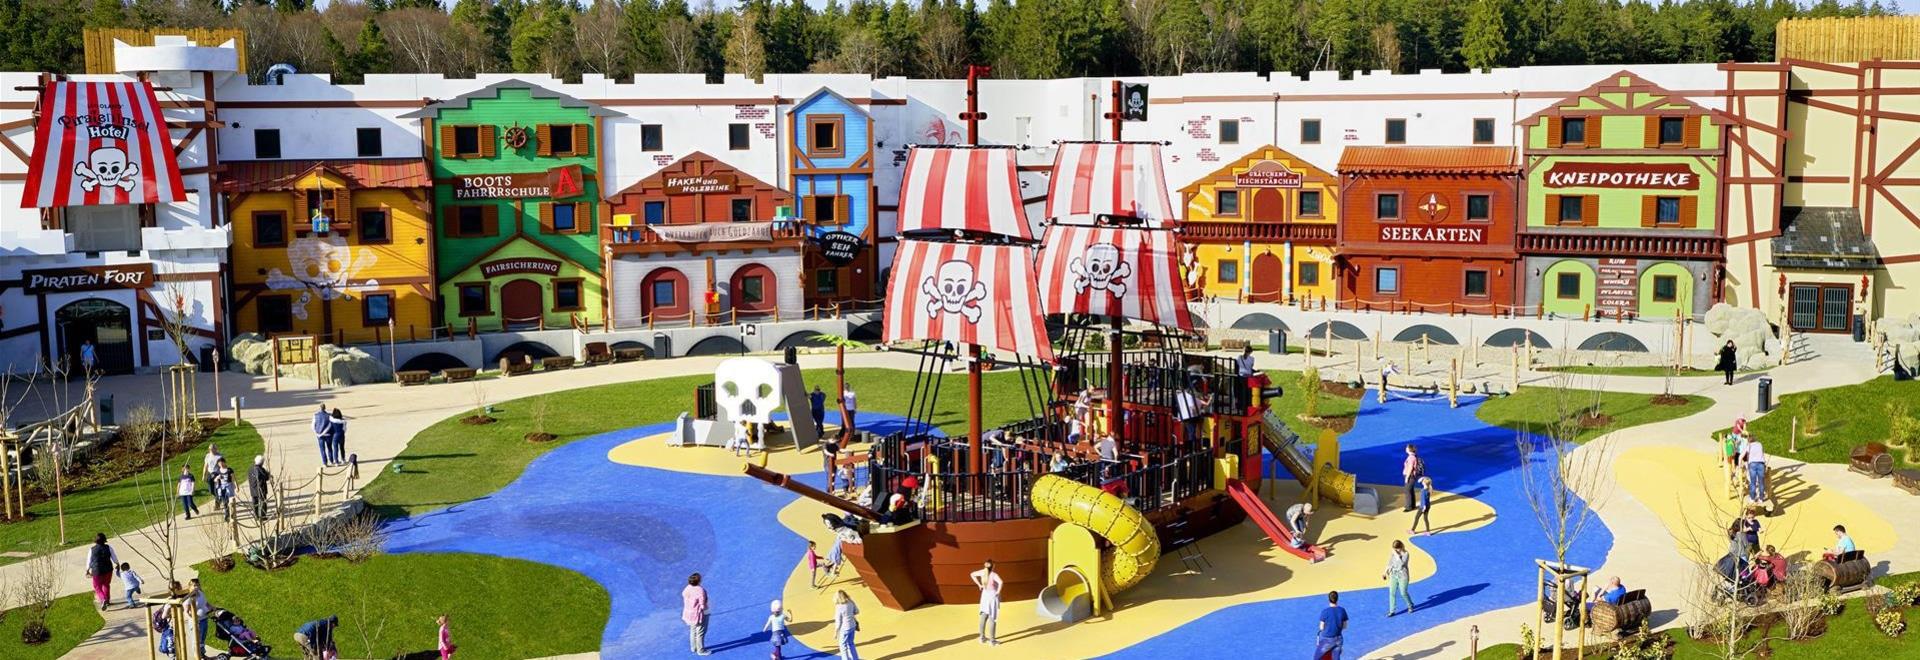 Lappset Creative Designed and Delivered A Pirate Ship Playground to LEGOLAND Deutschland Resort in Günzburg, Bavaria